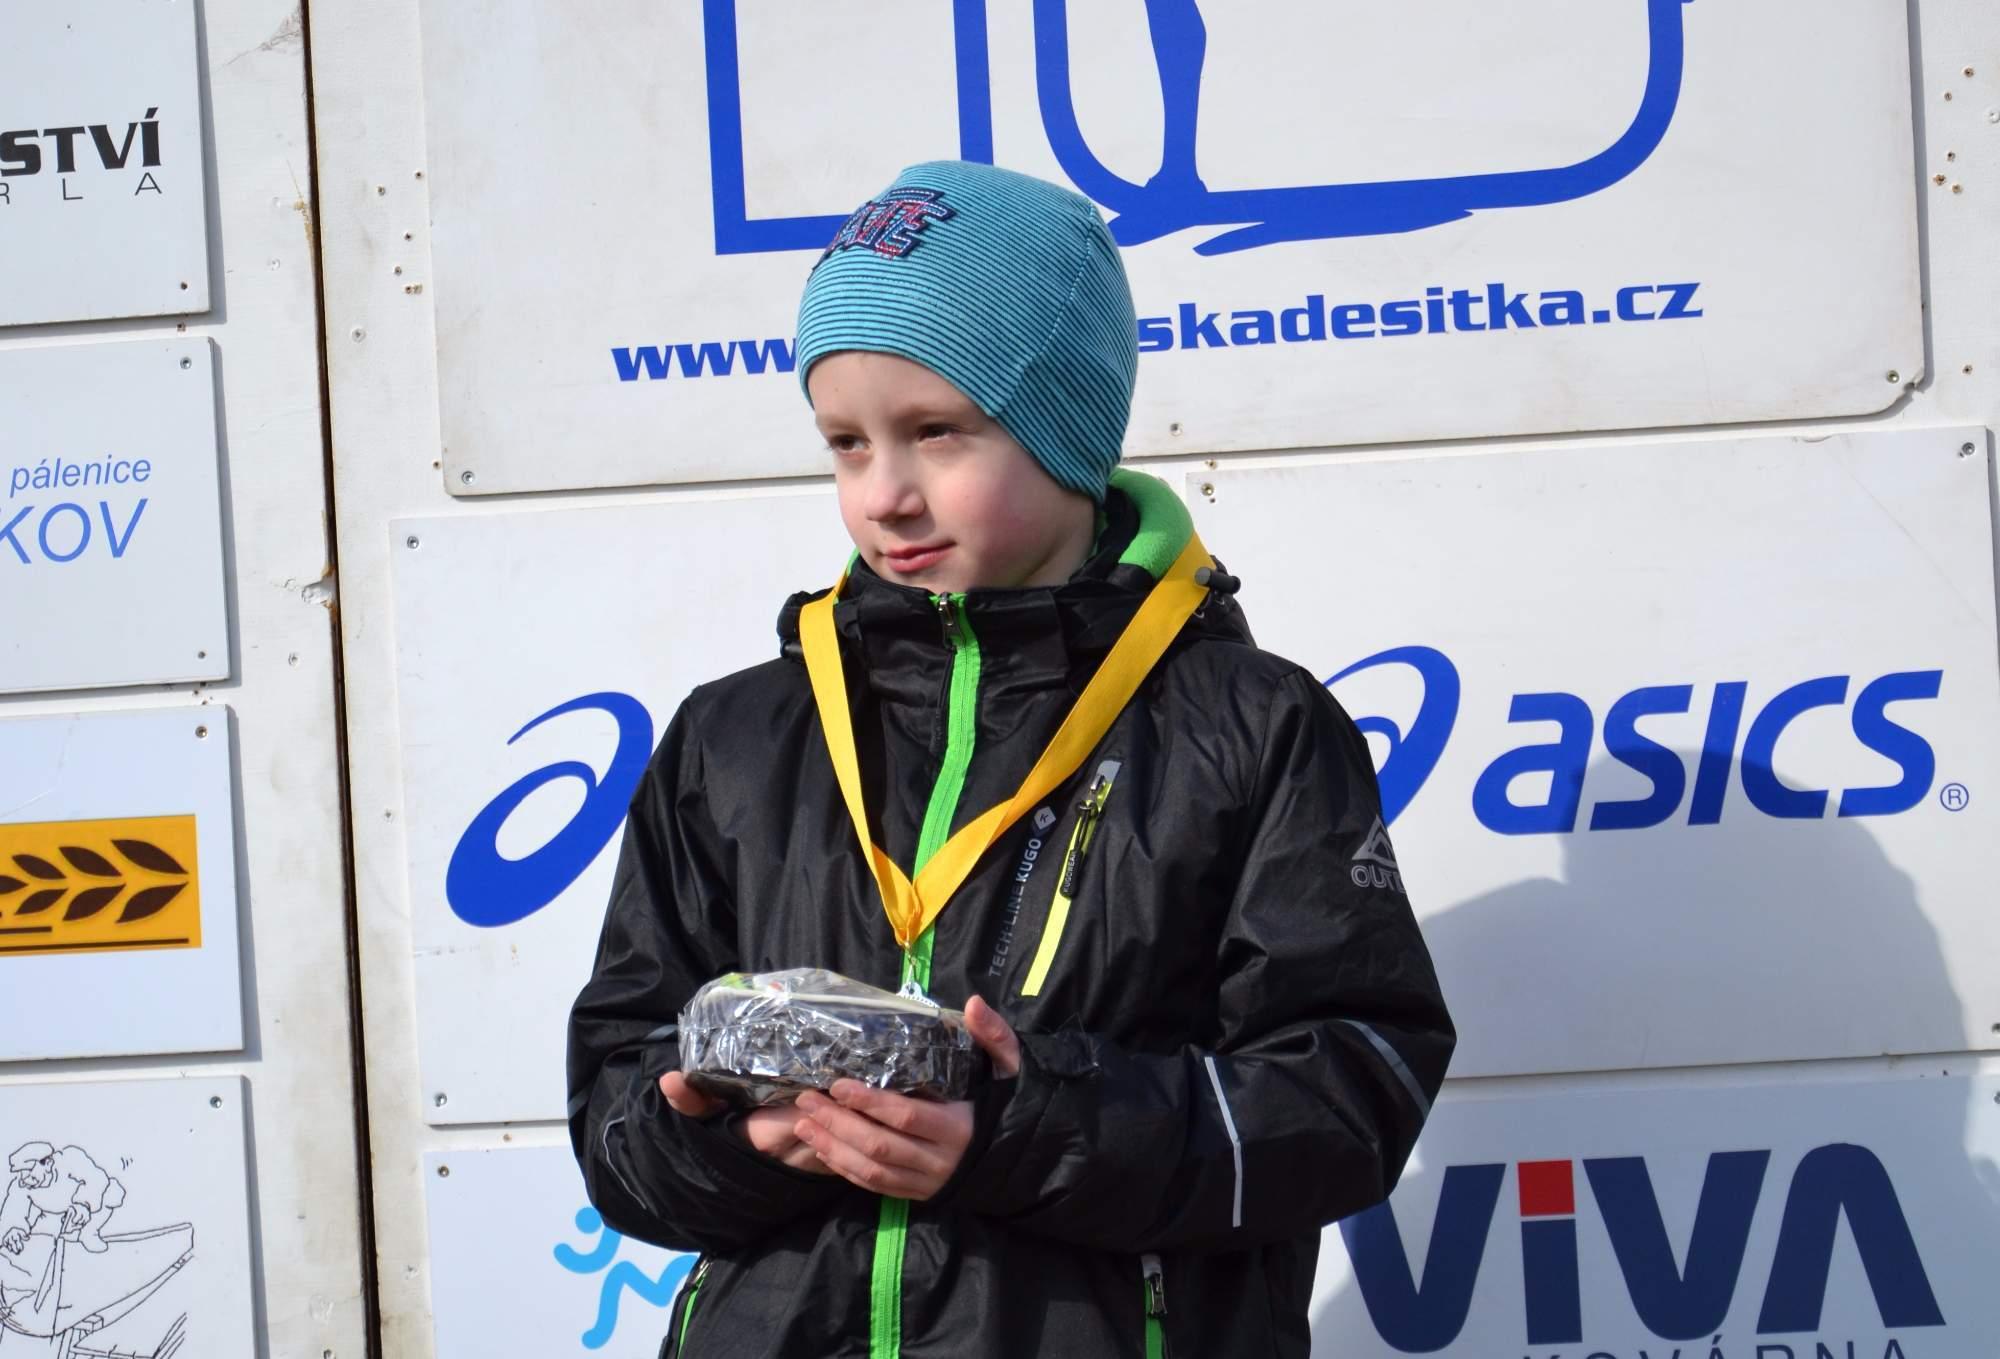 6d304c69180 Prusinovice - Rohálovská desítka 25. 2. 2017 – atletikahranice ...